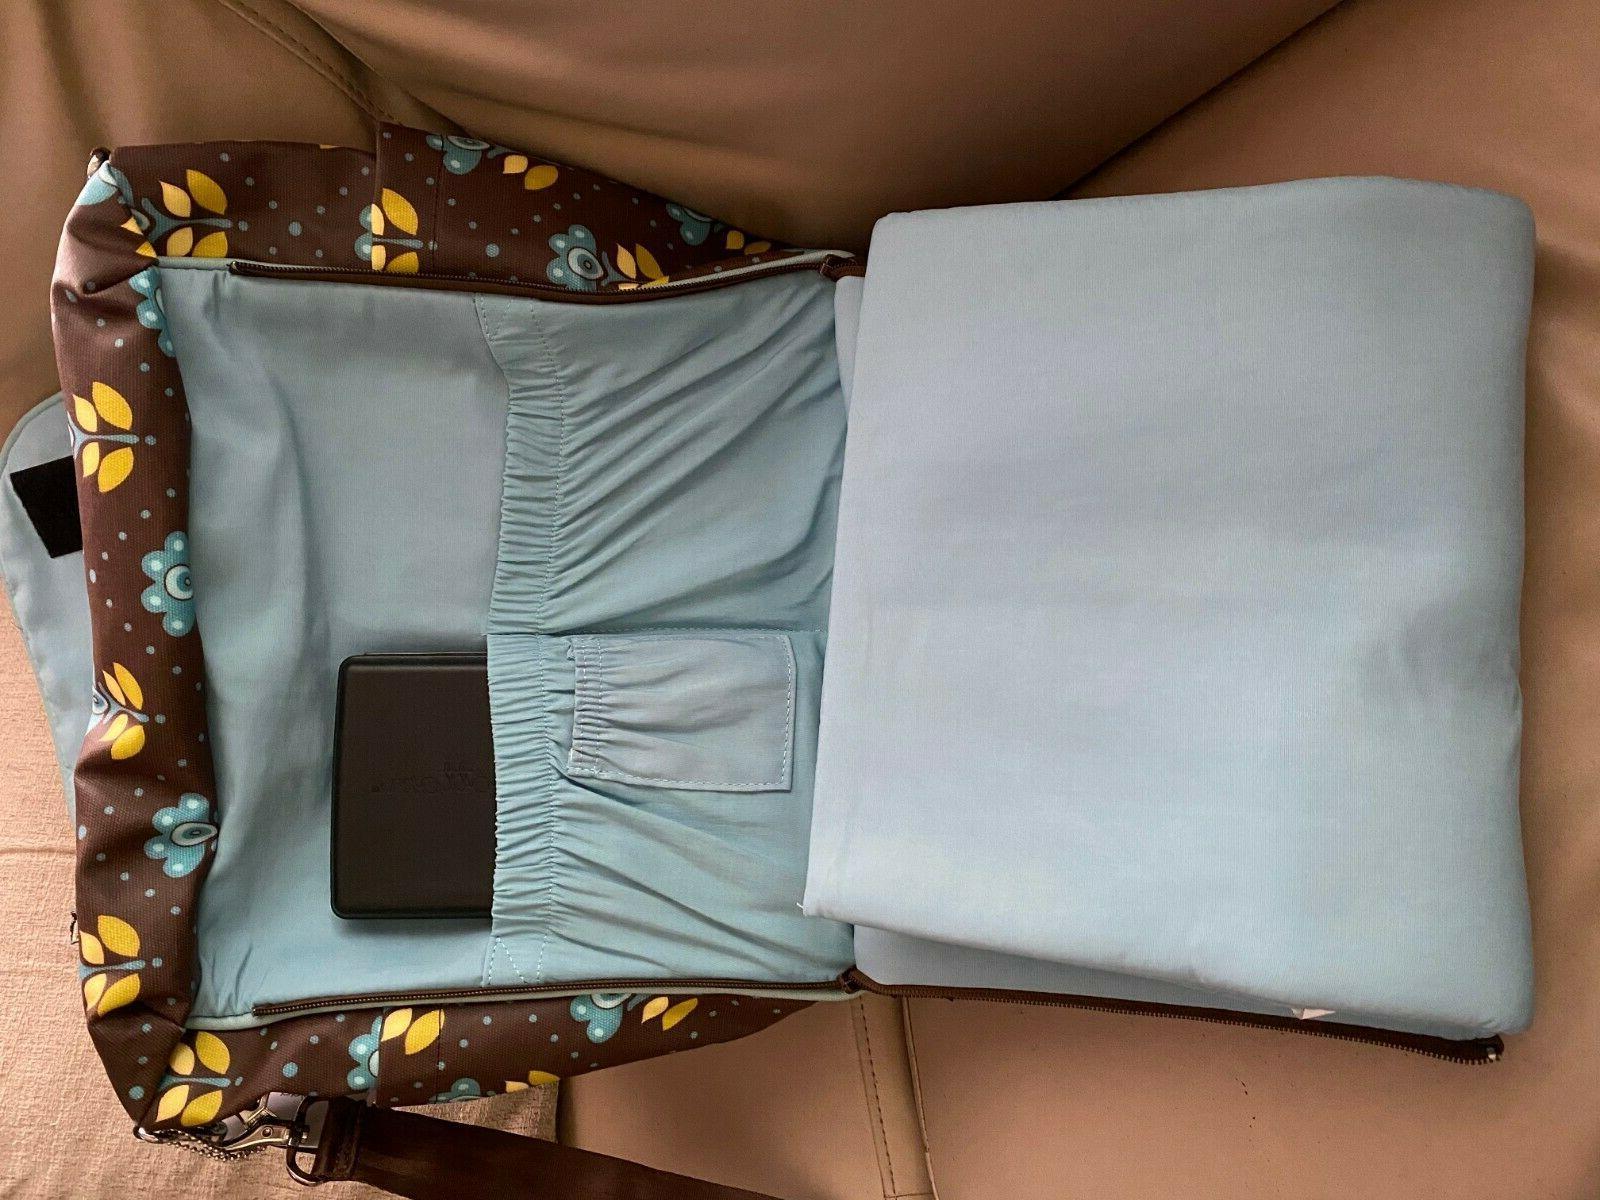 Petunia Boxy backpack diaper bag, glazed